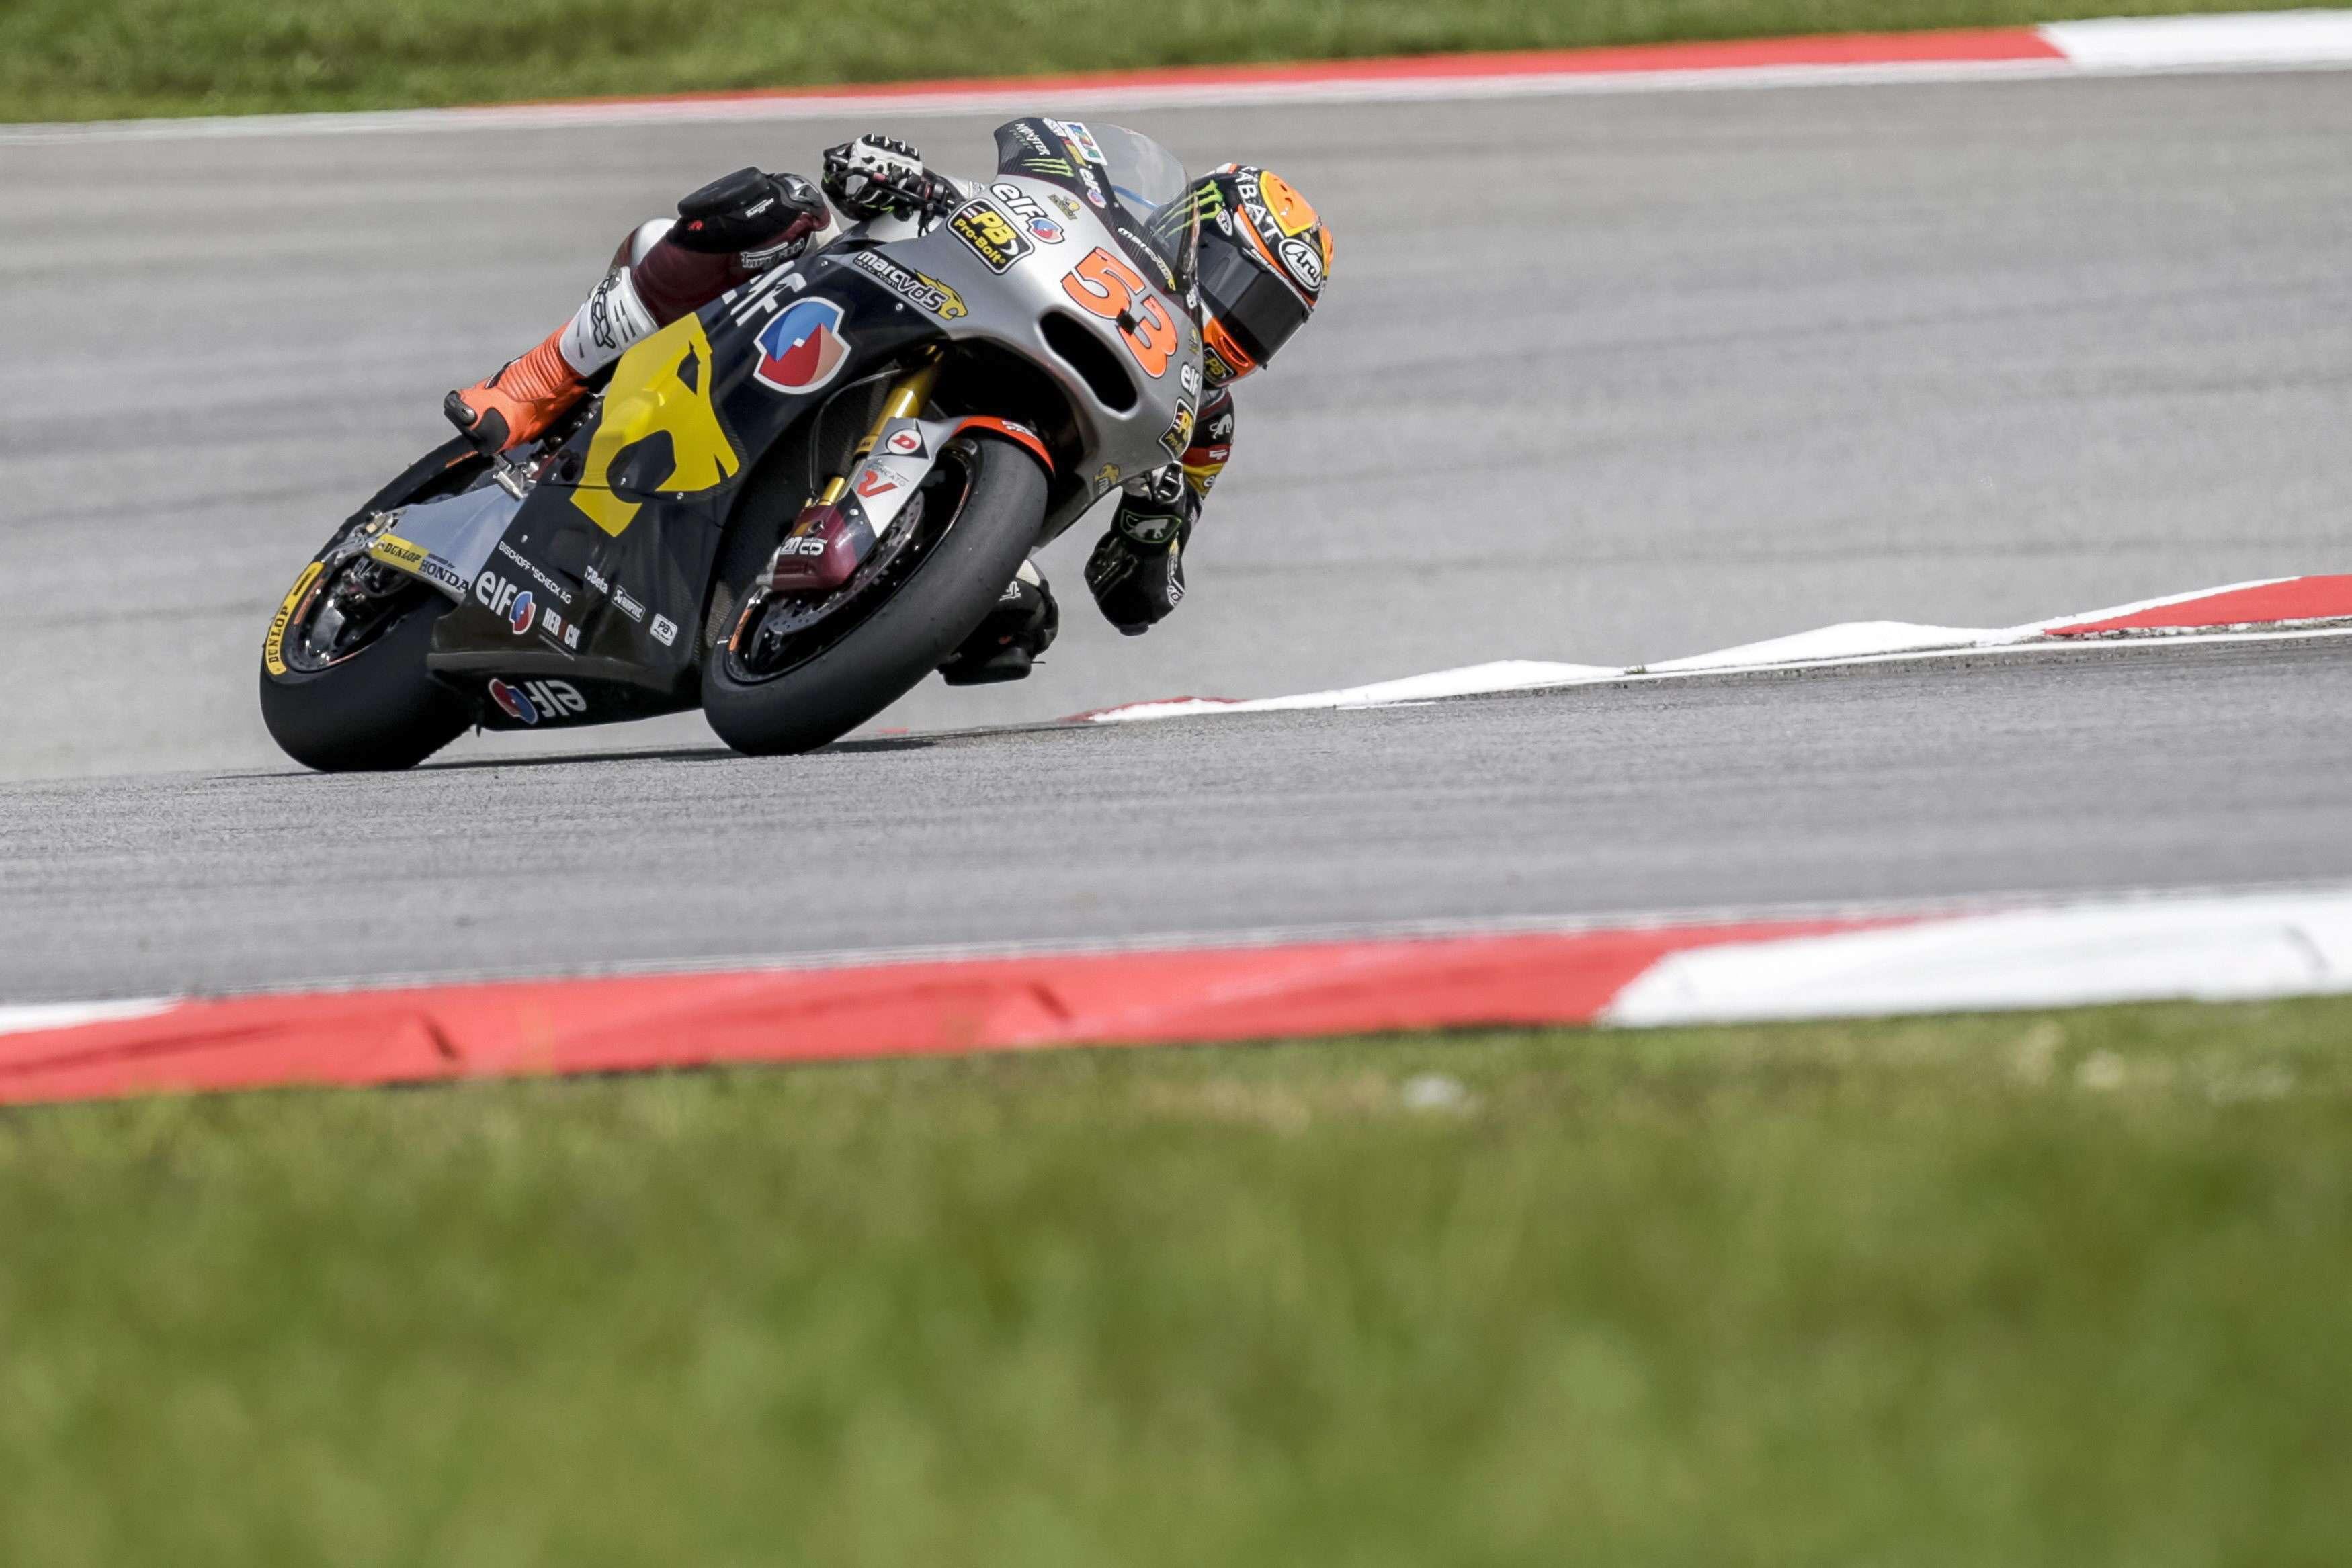 El español Rabat durante los entrenamientos libres del GP de Malasia de Moto2. Foto: EFE en español